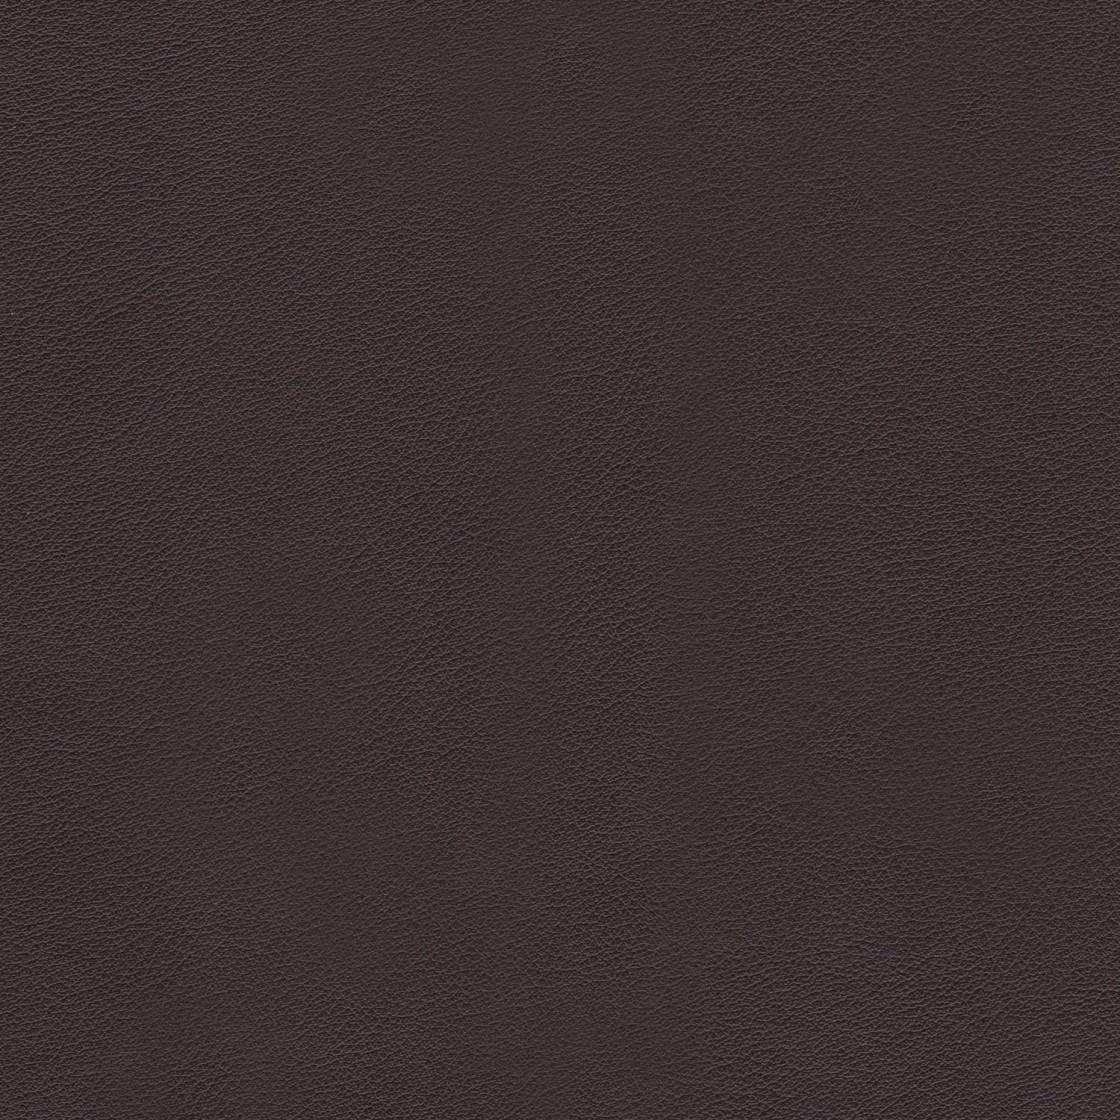 Microfleur 1.25 / 1.60 / 2.20mm - Microfibre, 3 coloris